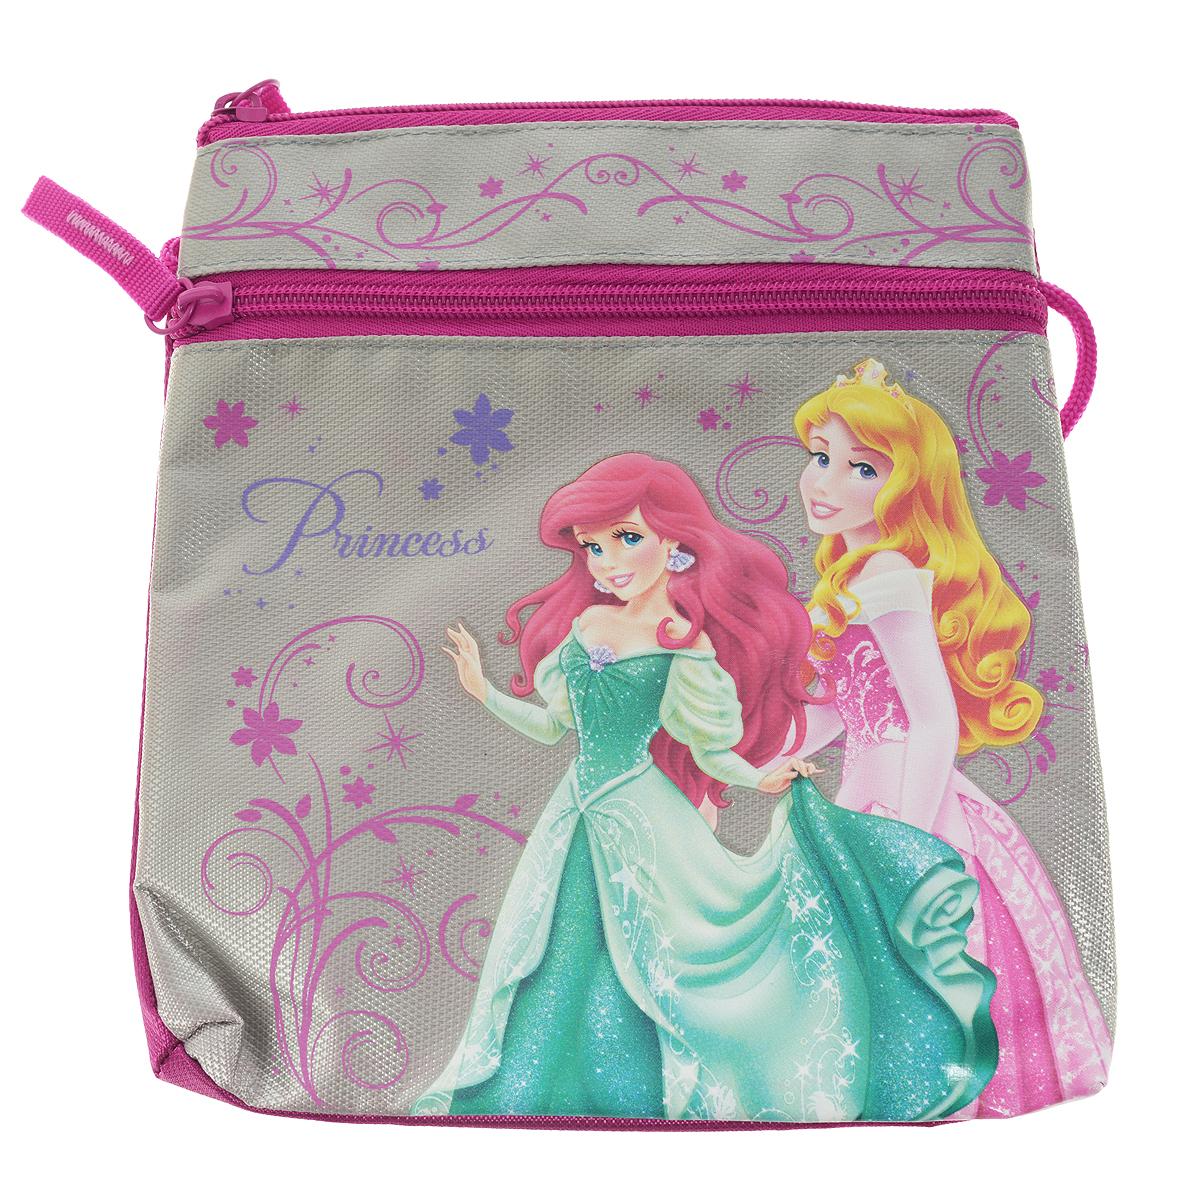 Сумка детская Princess, цвет: серый, розовый72523WDДетская сумка Princess выполнена из прочного полиэстера и оформлена термоаппликацией с изображением Ариэль и Авроры - очаровательных принцесс из мультфильмов Диснея. Сумочка содержит одно отделение и закрывается на застежку-молнию. На лицевой стороне расположен прорезной карман на застежке-молнии.Сумочка оснащена шнурком для переноски.Такая сумочка непременно порадует вашу малышку и позволит ей подчеркнуть свою индивидуальность.